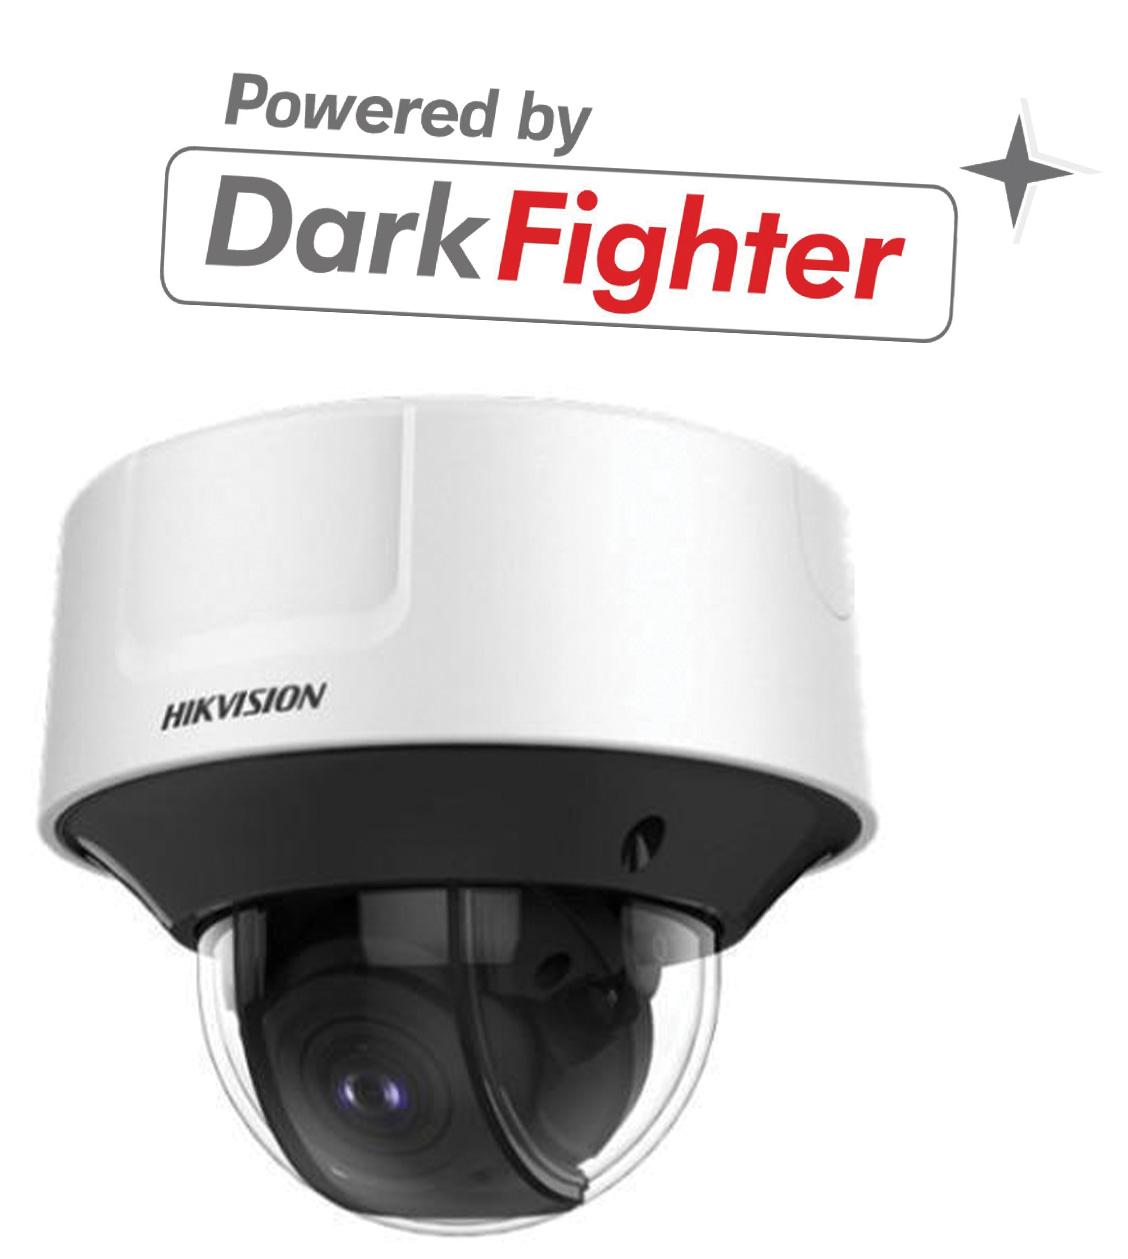 Hikvision-DS-2CD5546G1-IZHS8-32mm-IP-Dome-Ueberwachung-Kamera.jpg